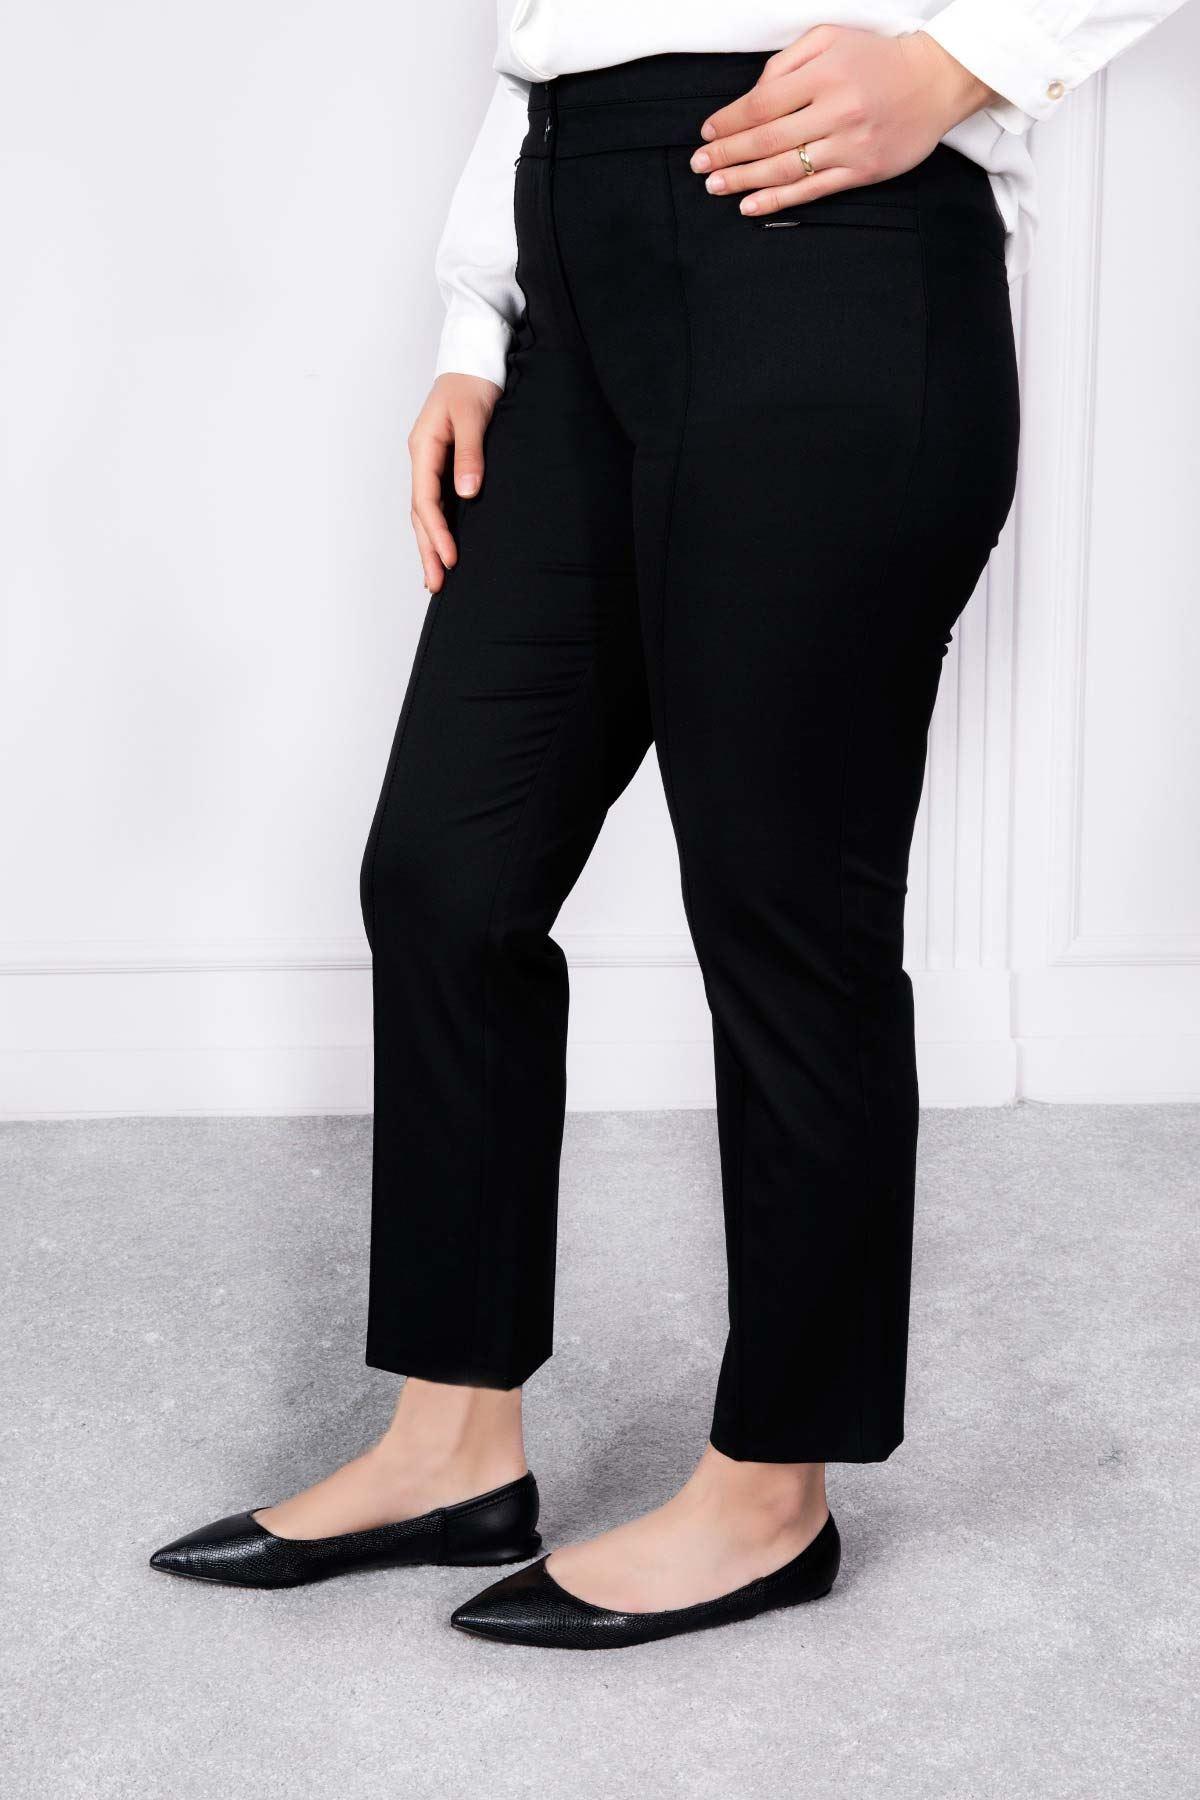 Çift Kemer Bilek Pantolon Siyah 2169-01